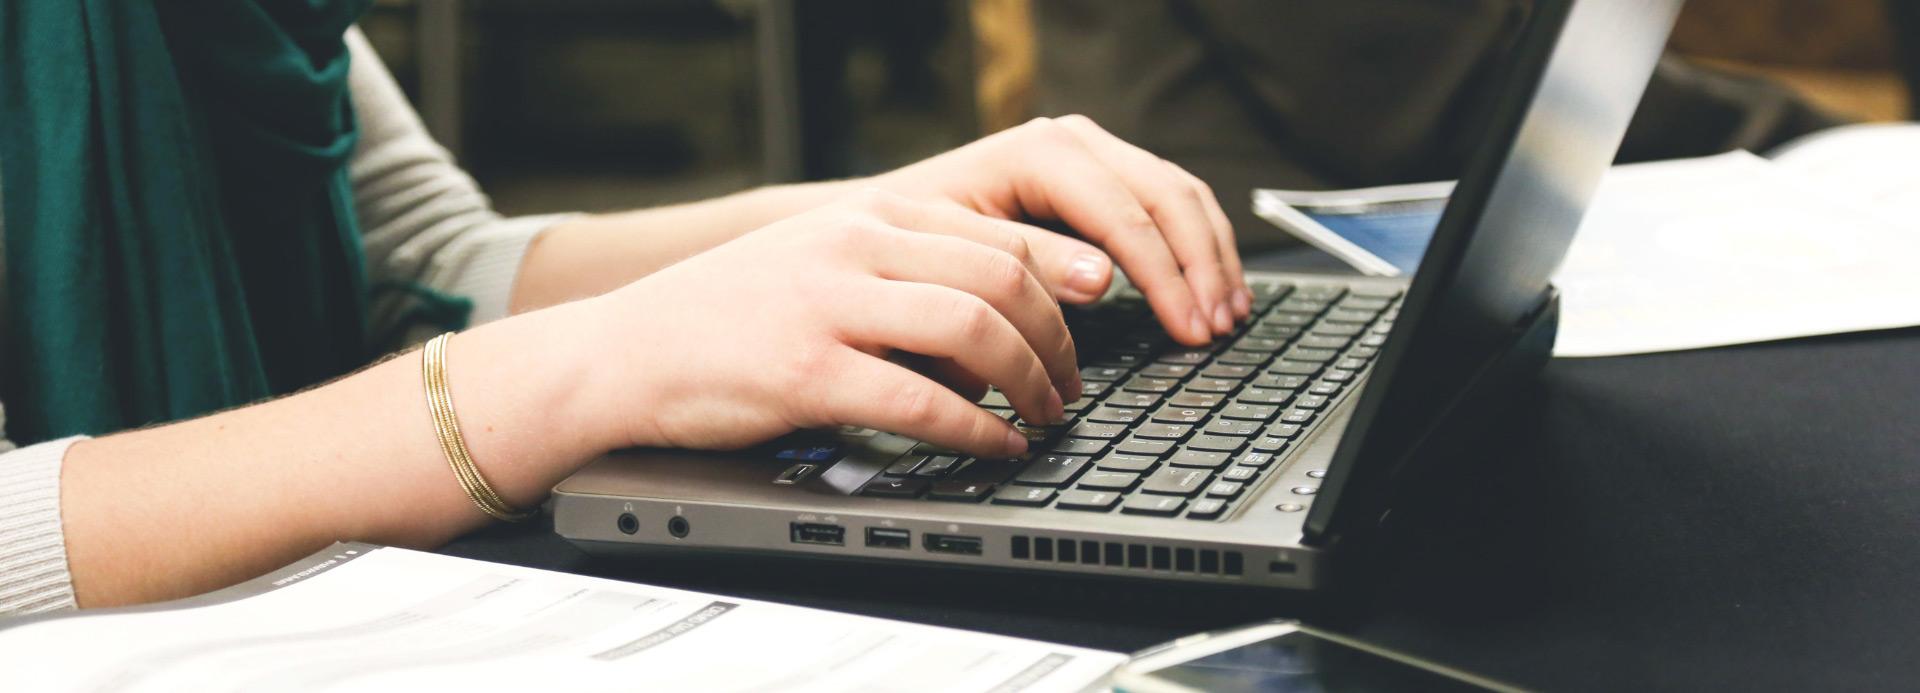 Foto Arbeiten am Laptop zur Digitalisierung / Digital Consulting